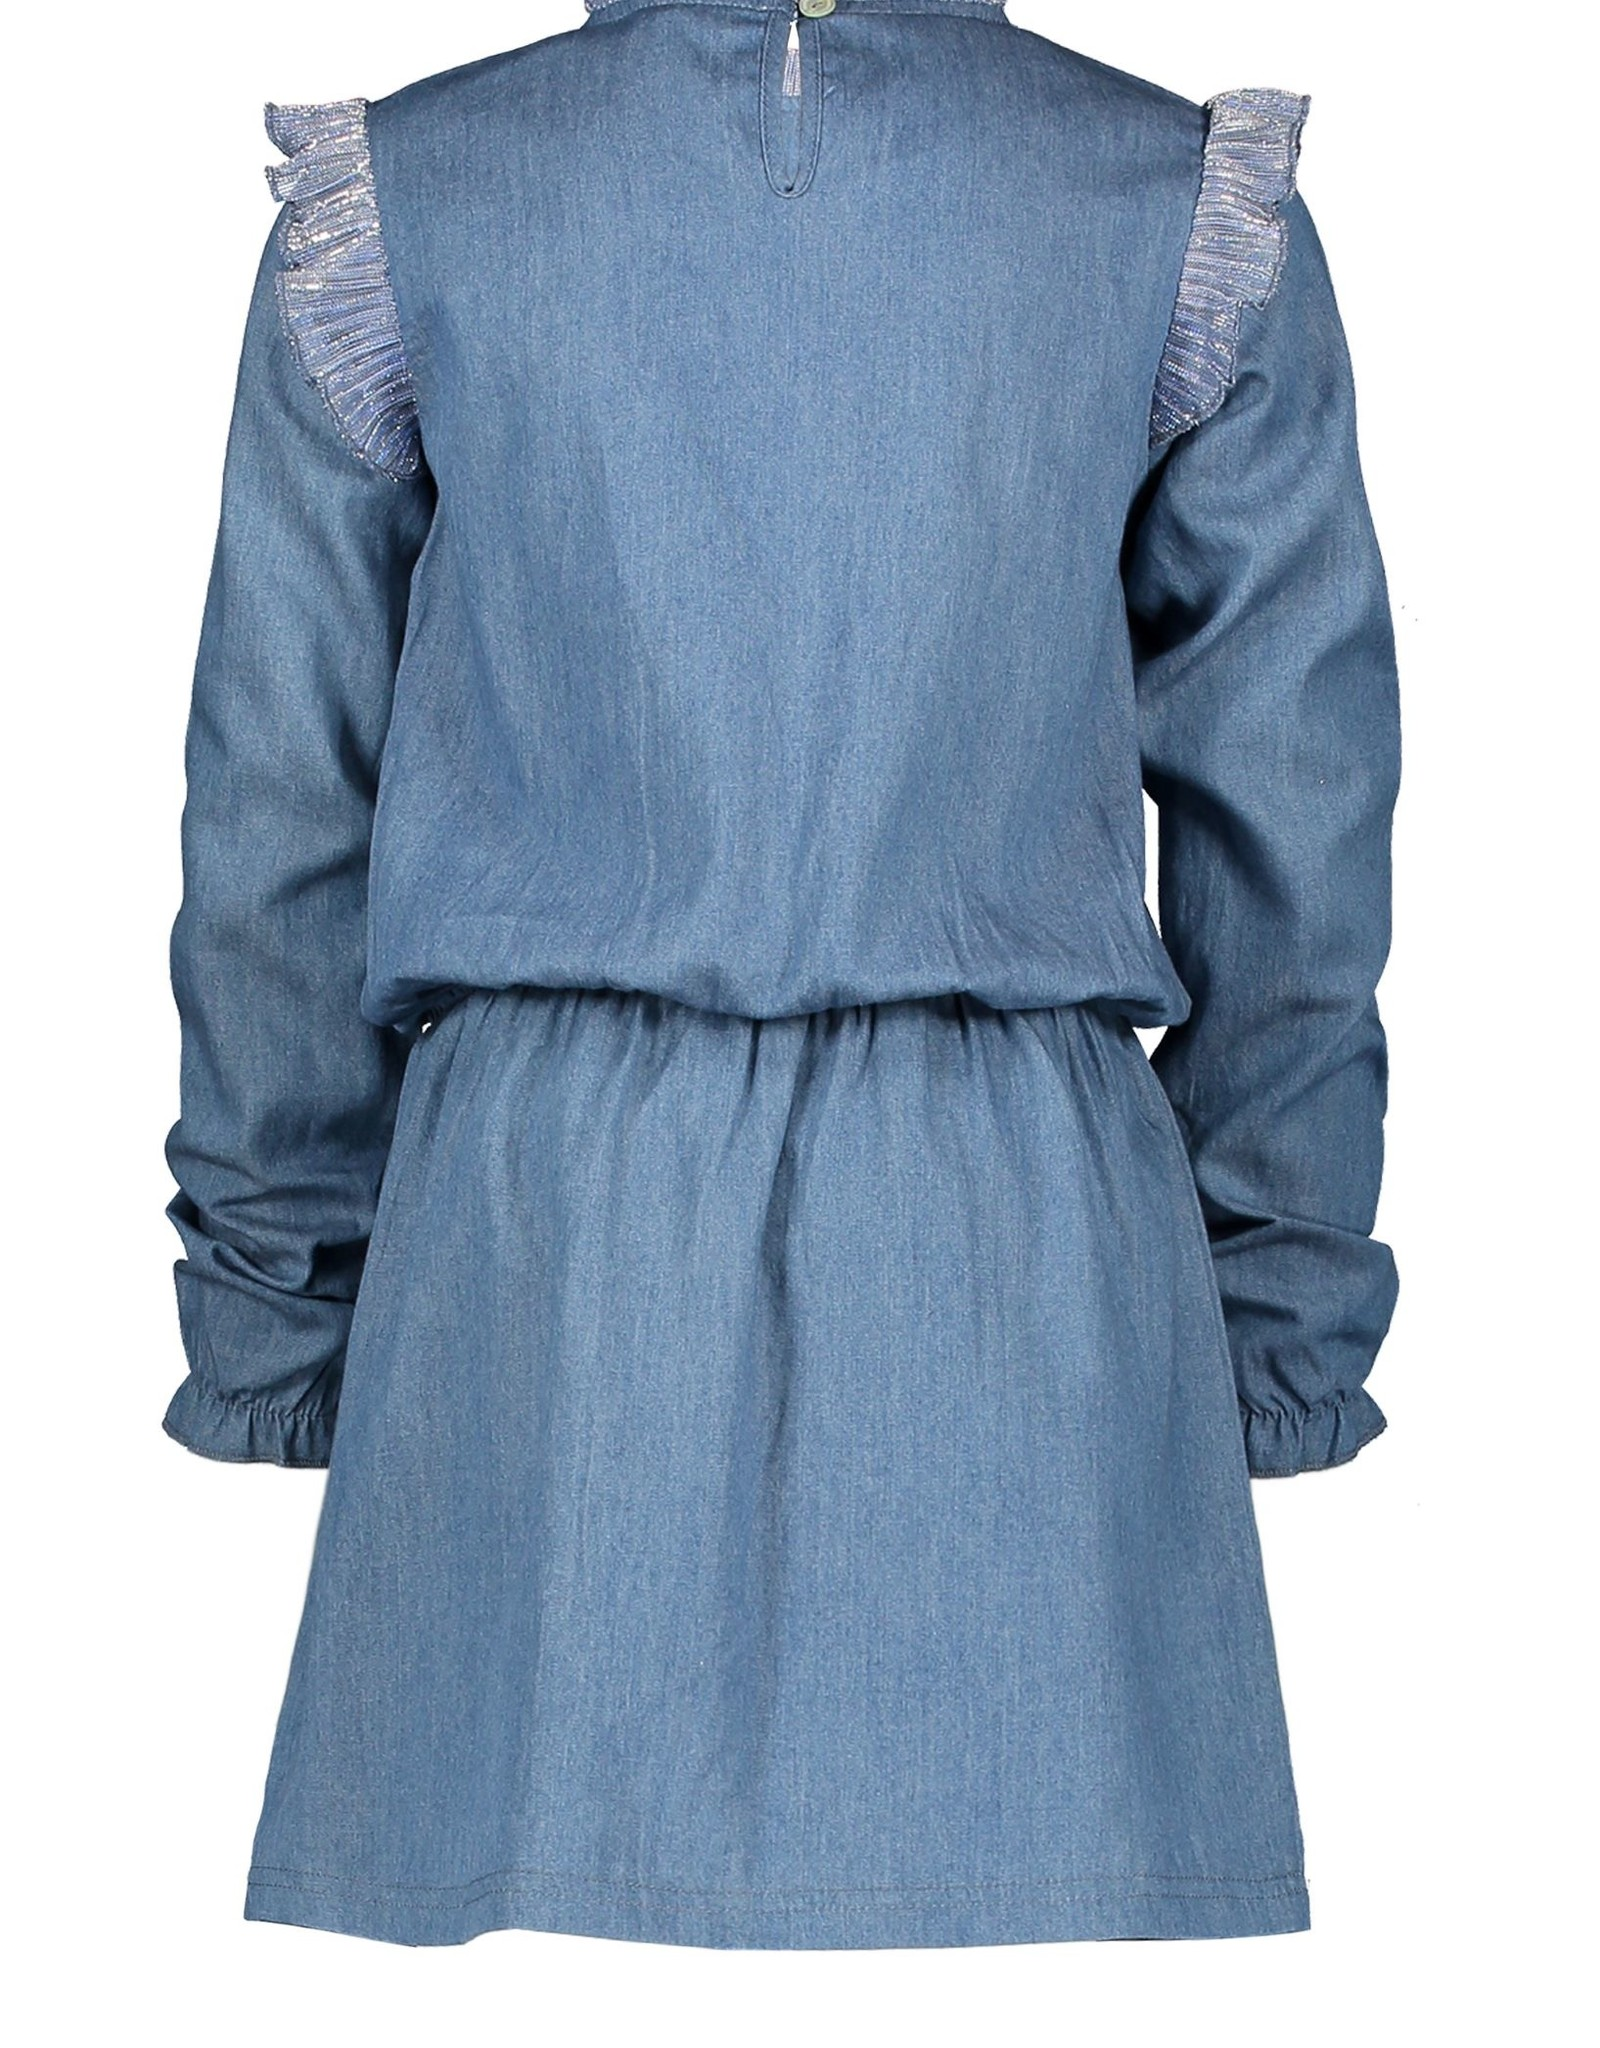 Moodstreet Moodstreet jurkje 5840 soft blue